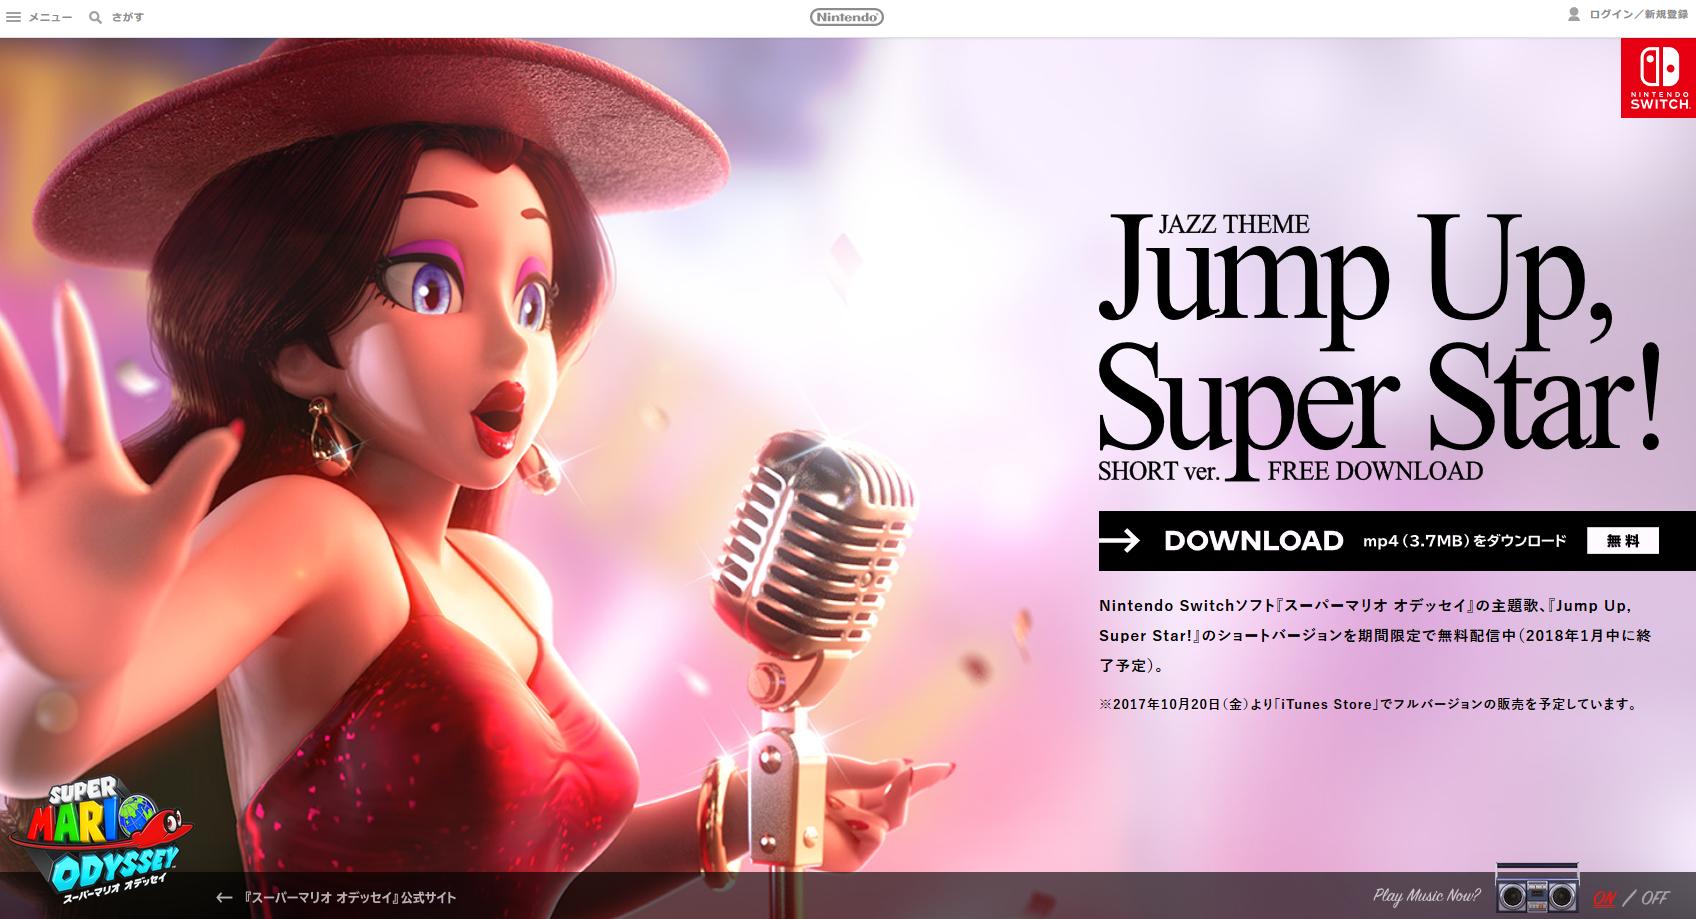 【スーパーマリオオデッセイ】テーマ曲無料ダウンロード!「Jump Up, Super Star!」のショートバージョンが無料でダウンロード配信中